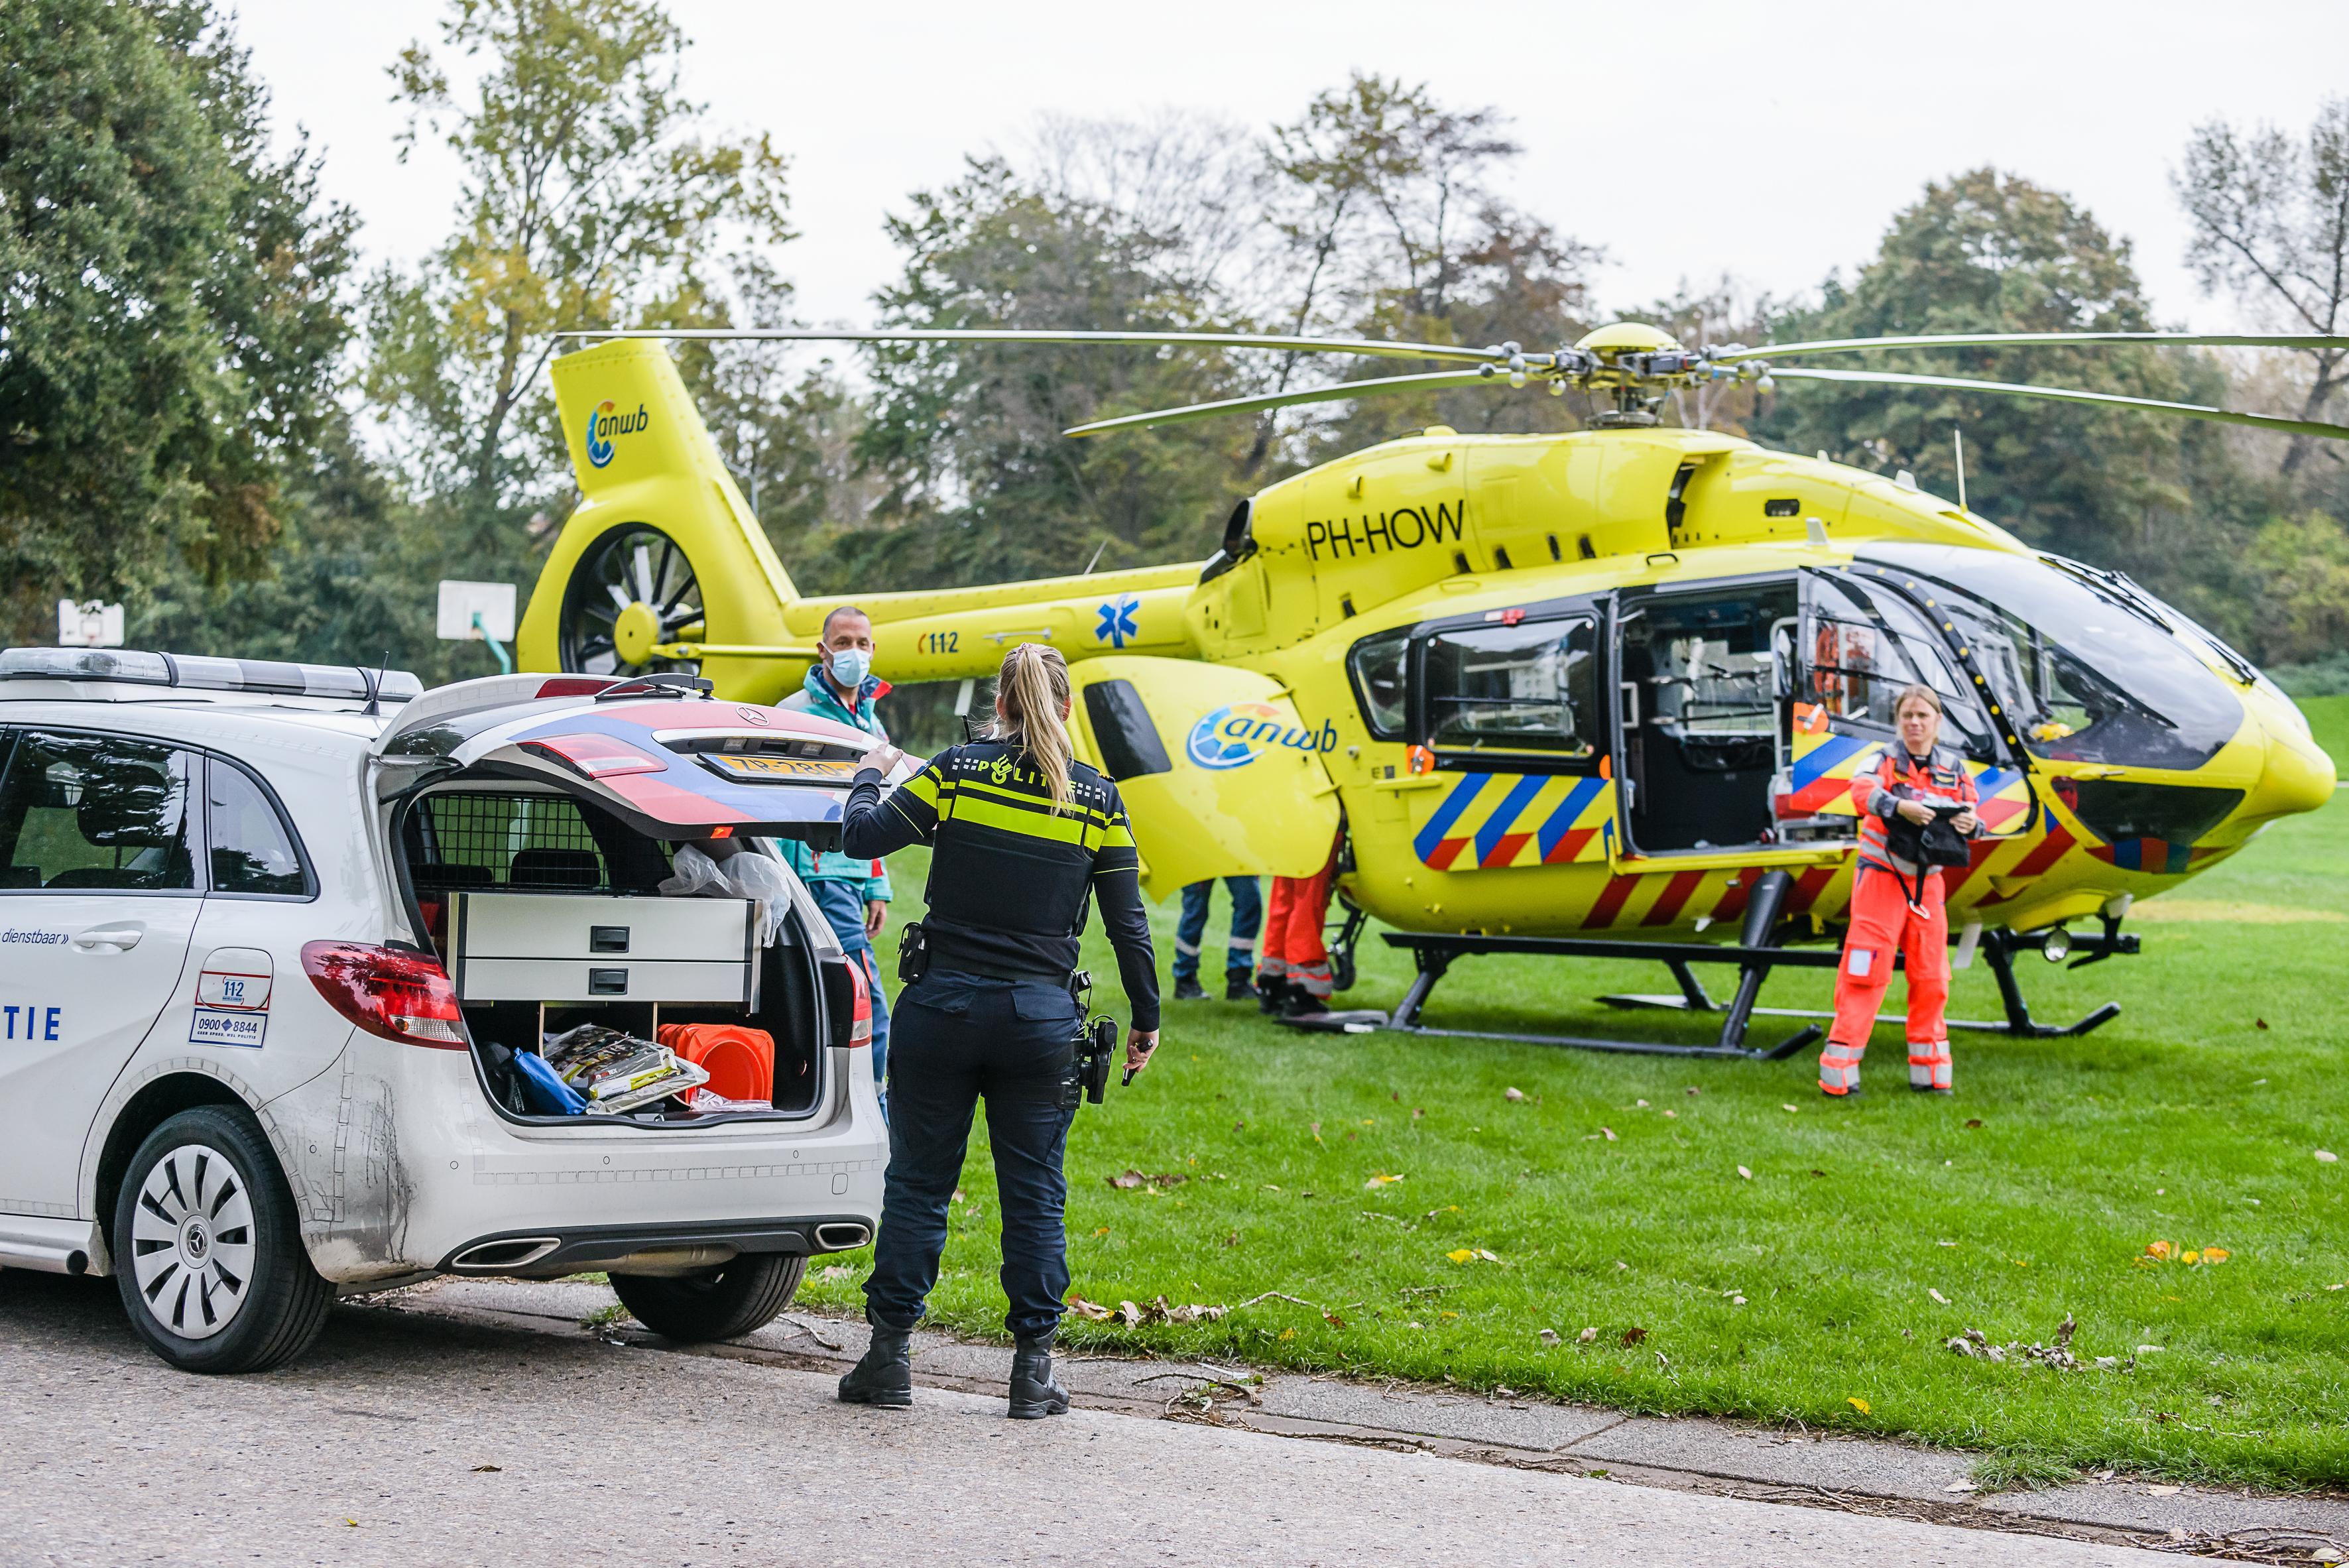 Zaans Medisch Centrum raakt vol, patiënten overgeplaatst; zorgen om capaciteit vanwege door corona besmet personeel